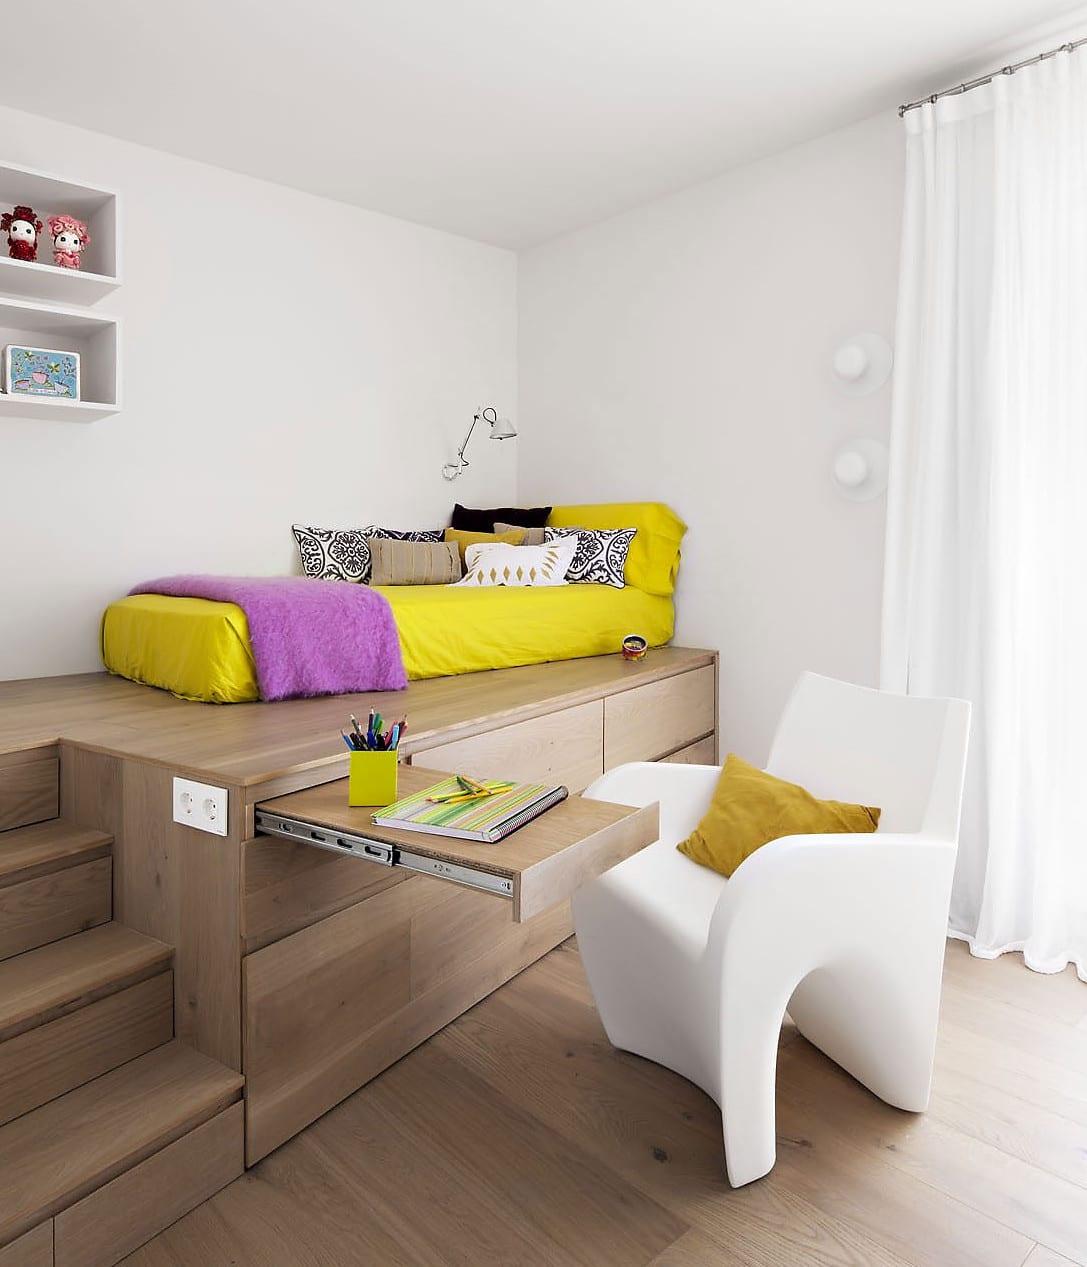 ideen fur kleine wohnzimmer : Coole Zimmer Ideen F R Jugendliche Freshouse